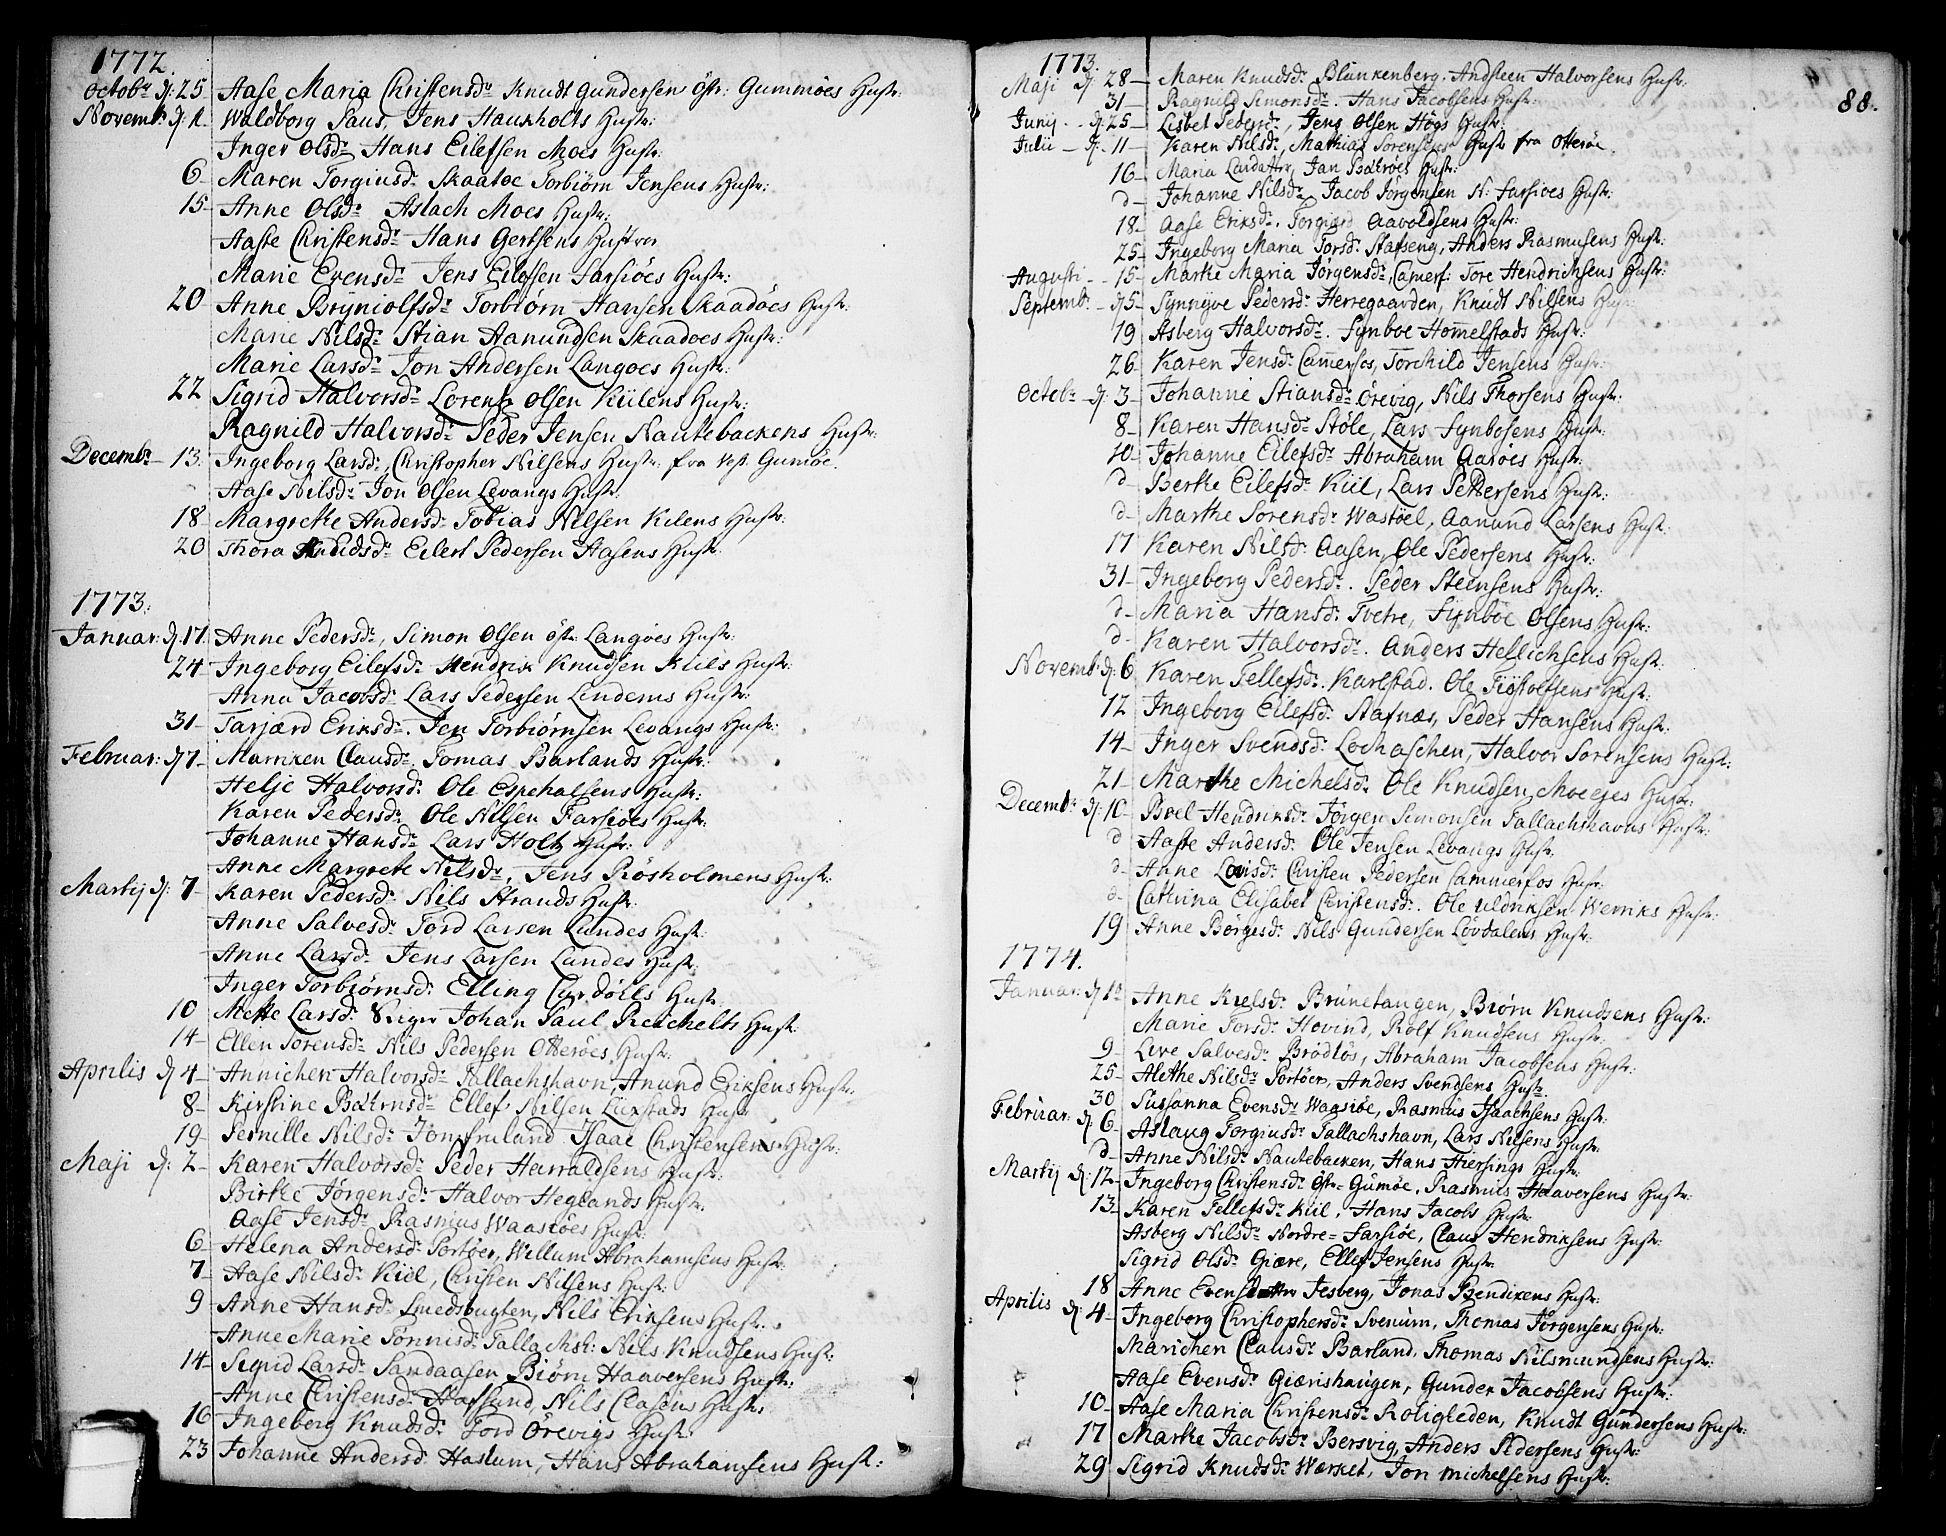 SAKO, Sannidal kirkebøker, F/Fa/L0002: Ministerialbok nr. 2, 1767-1802, s. 88